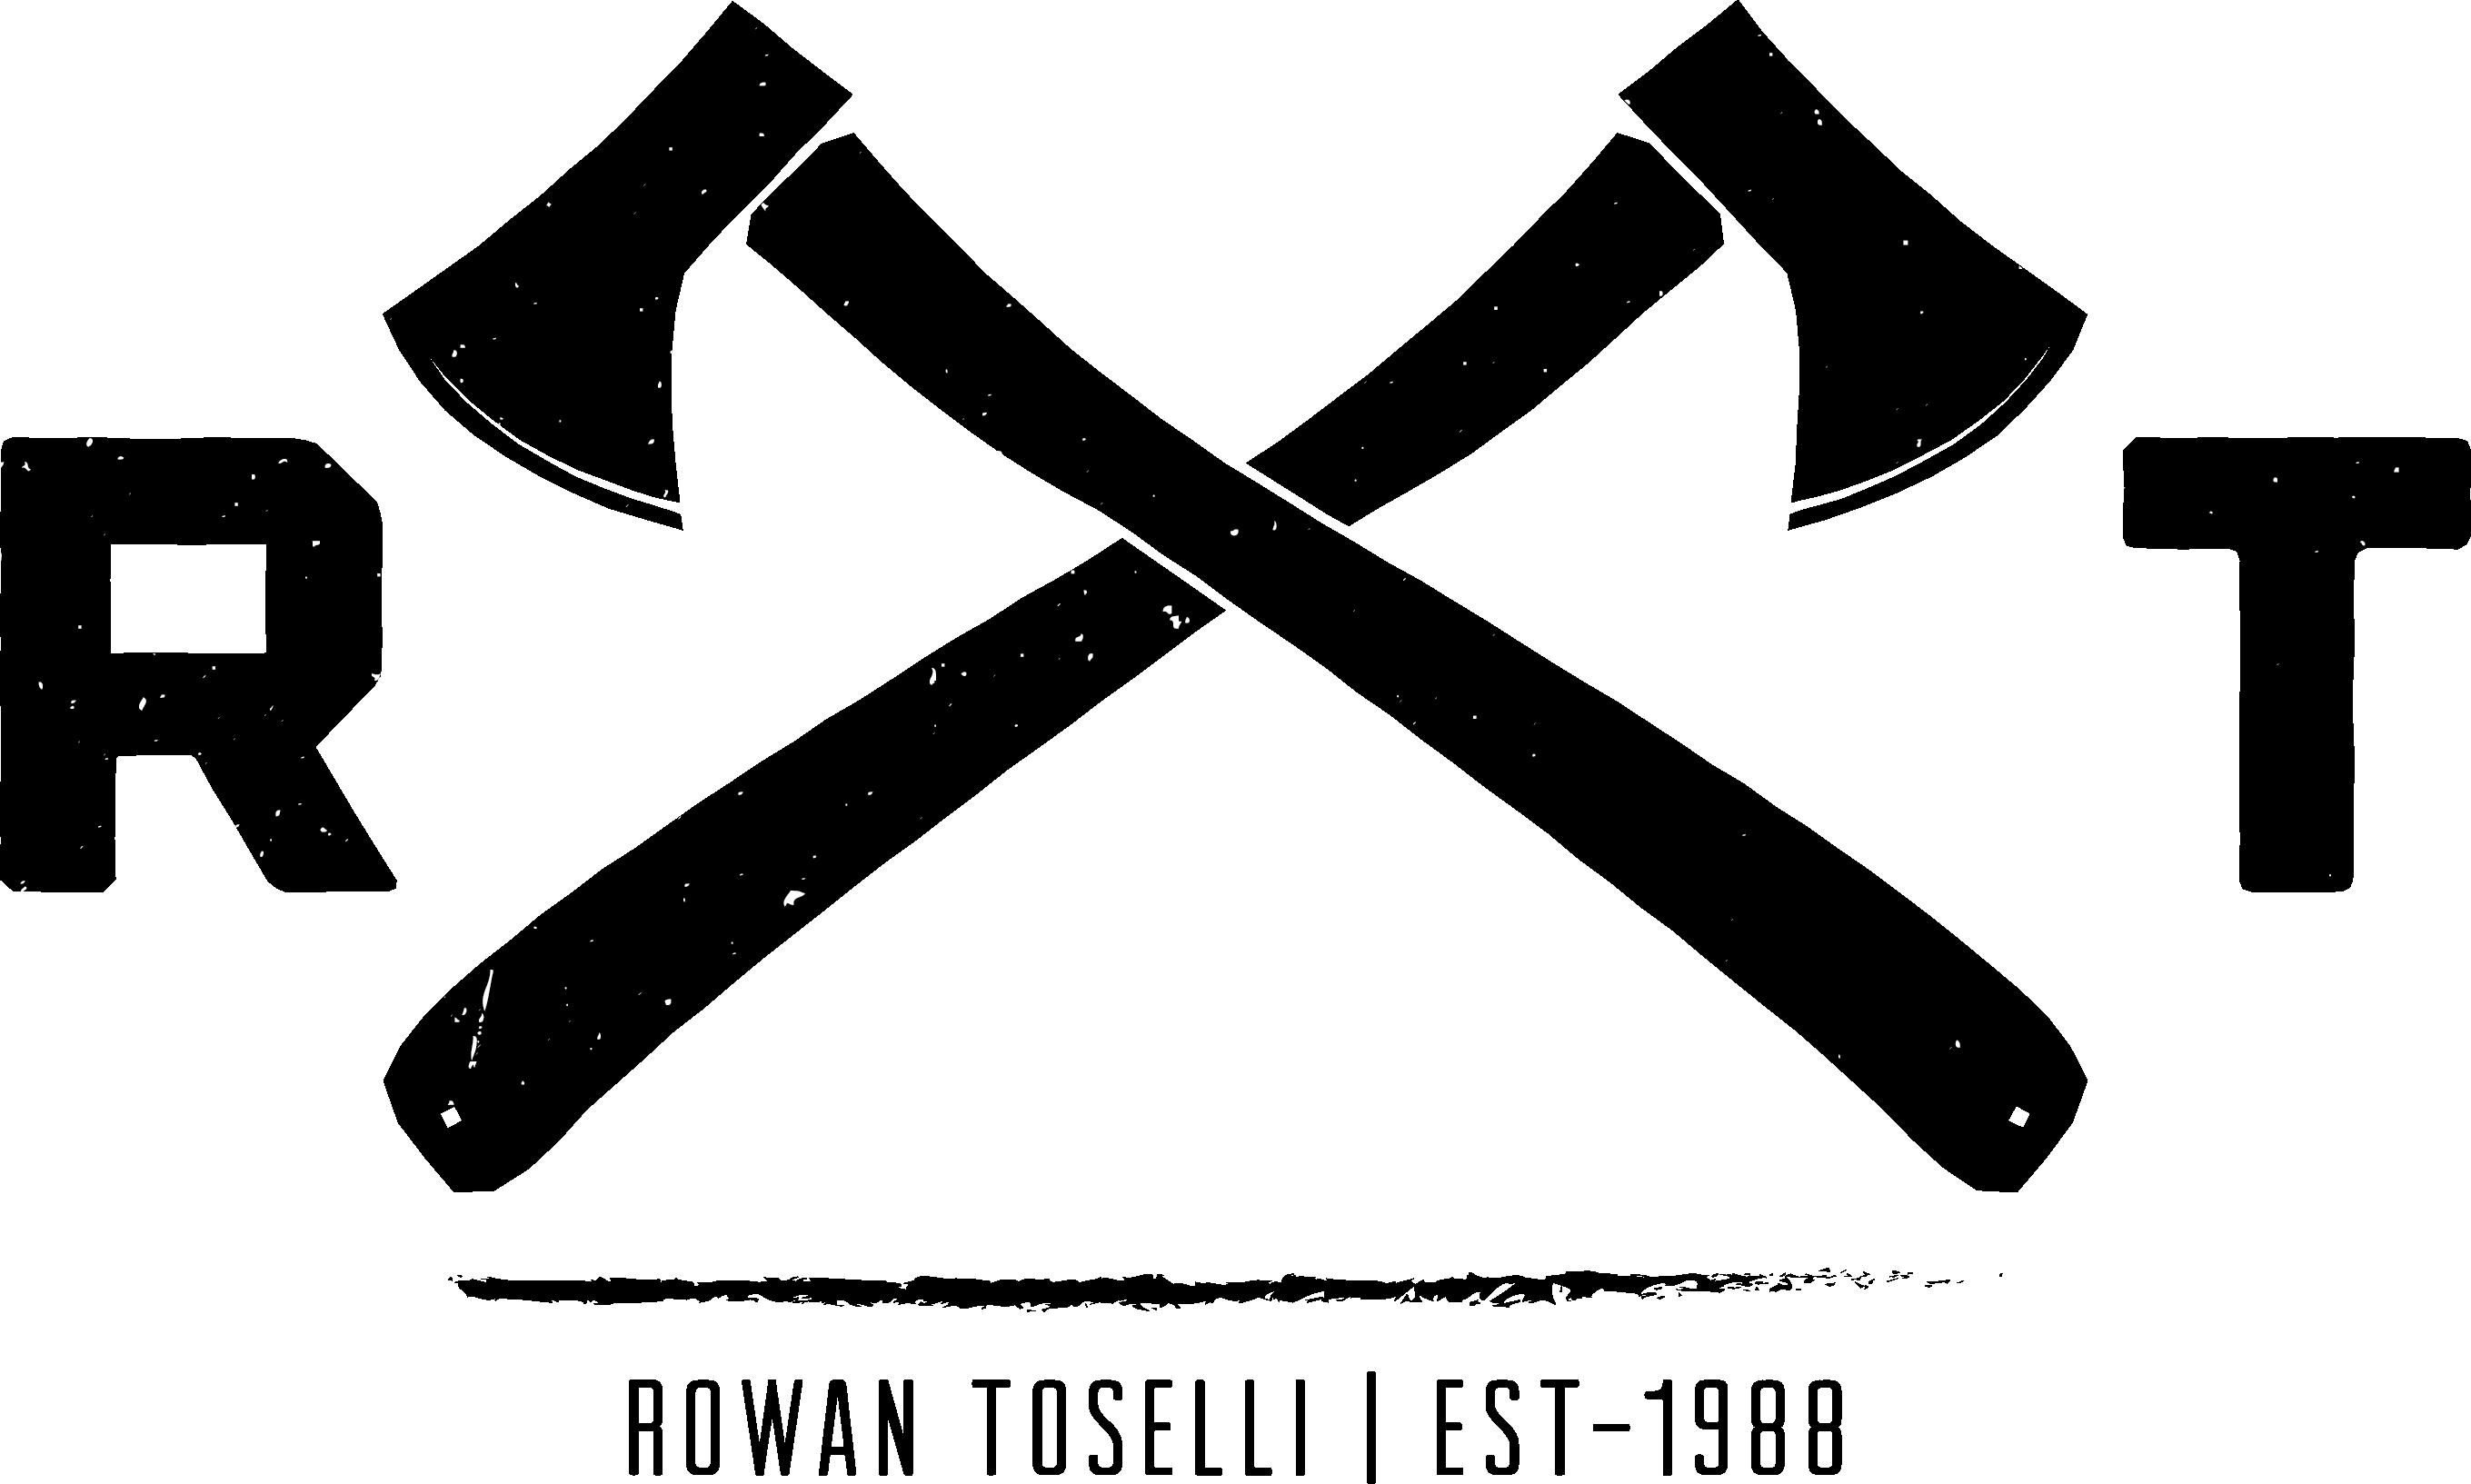 Rowan Toselli